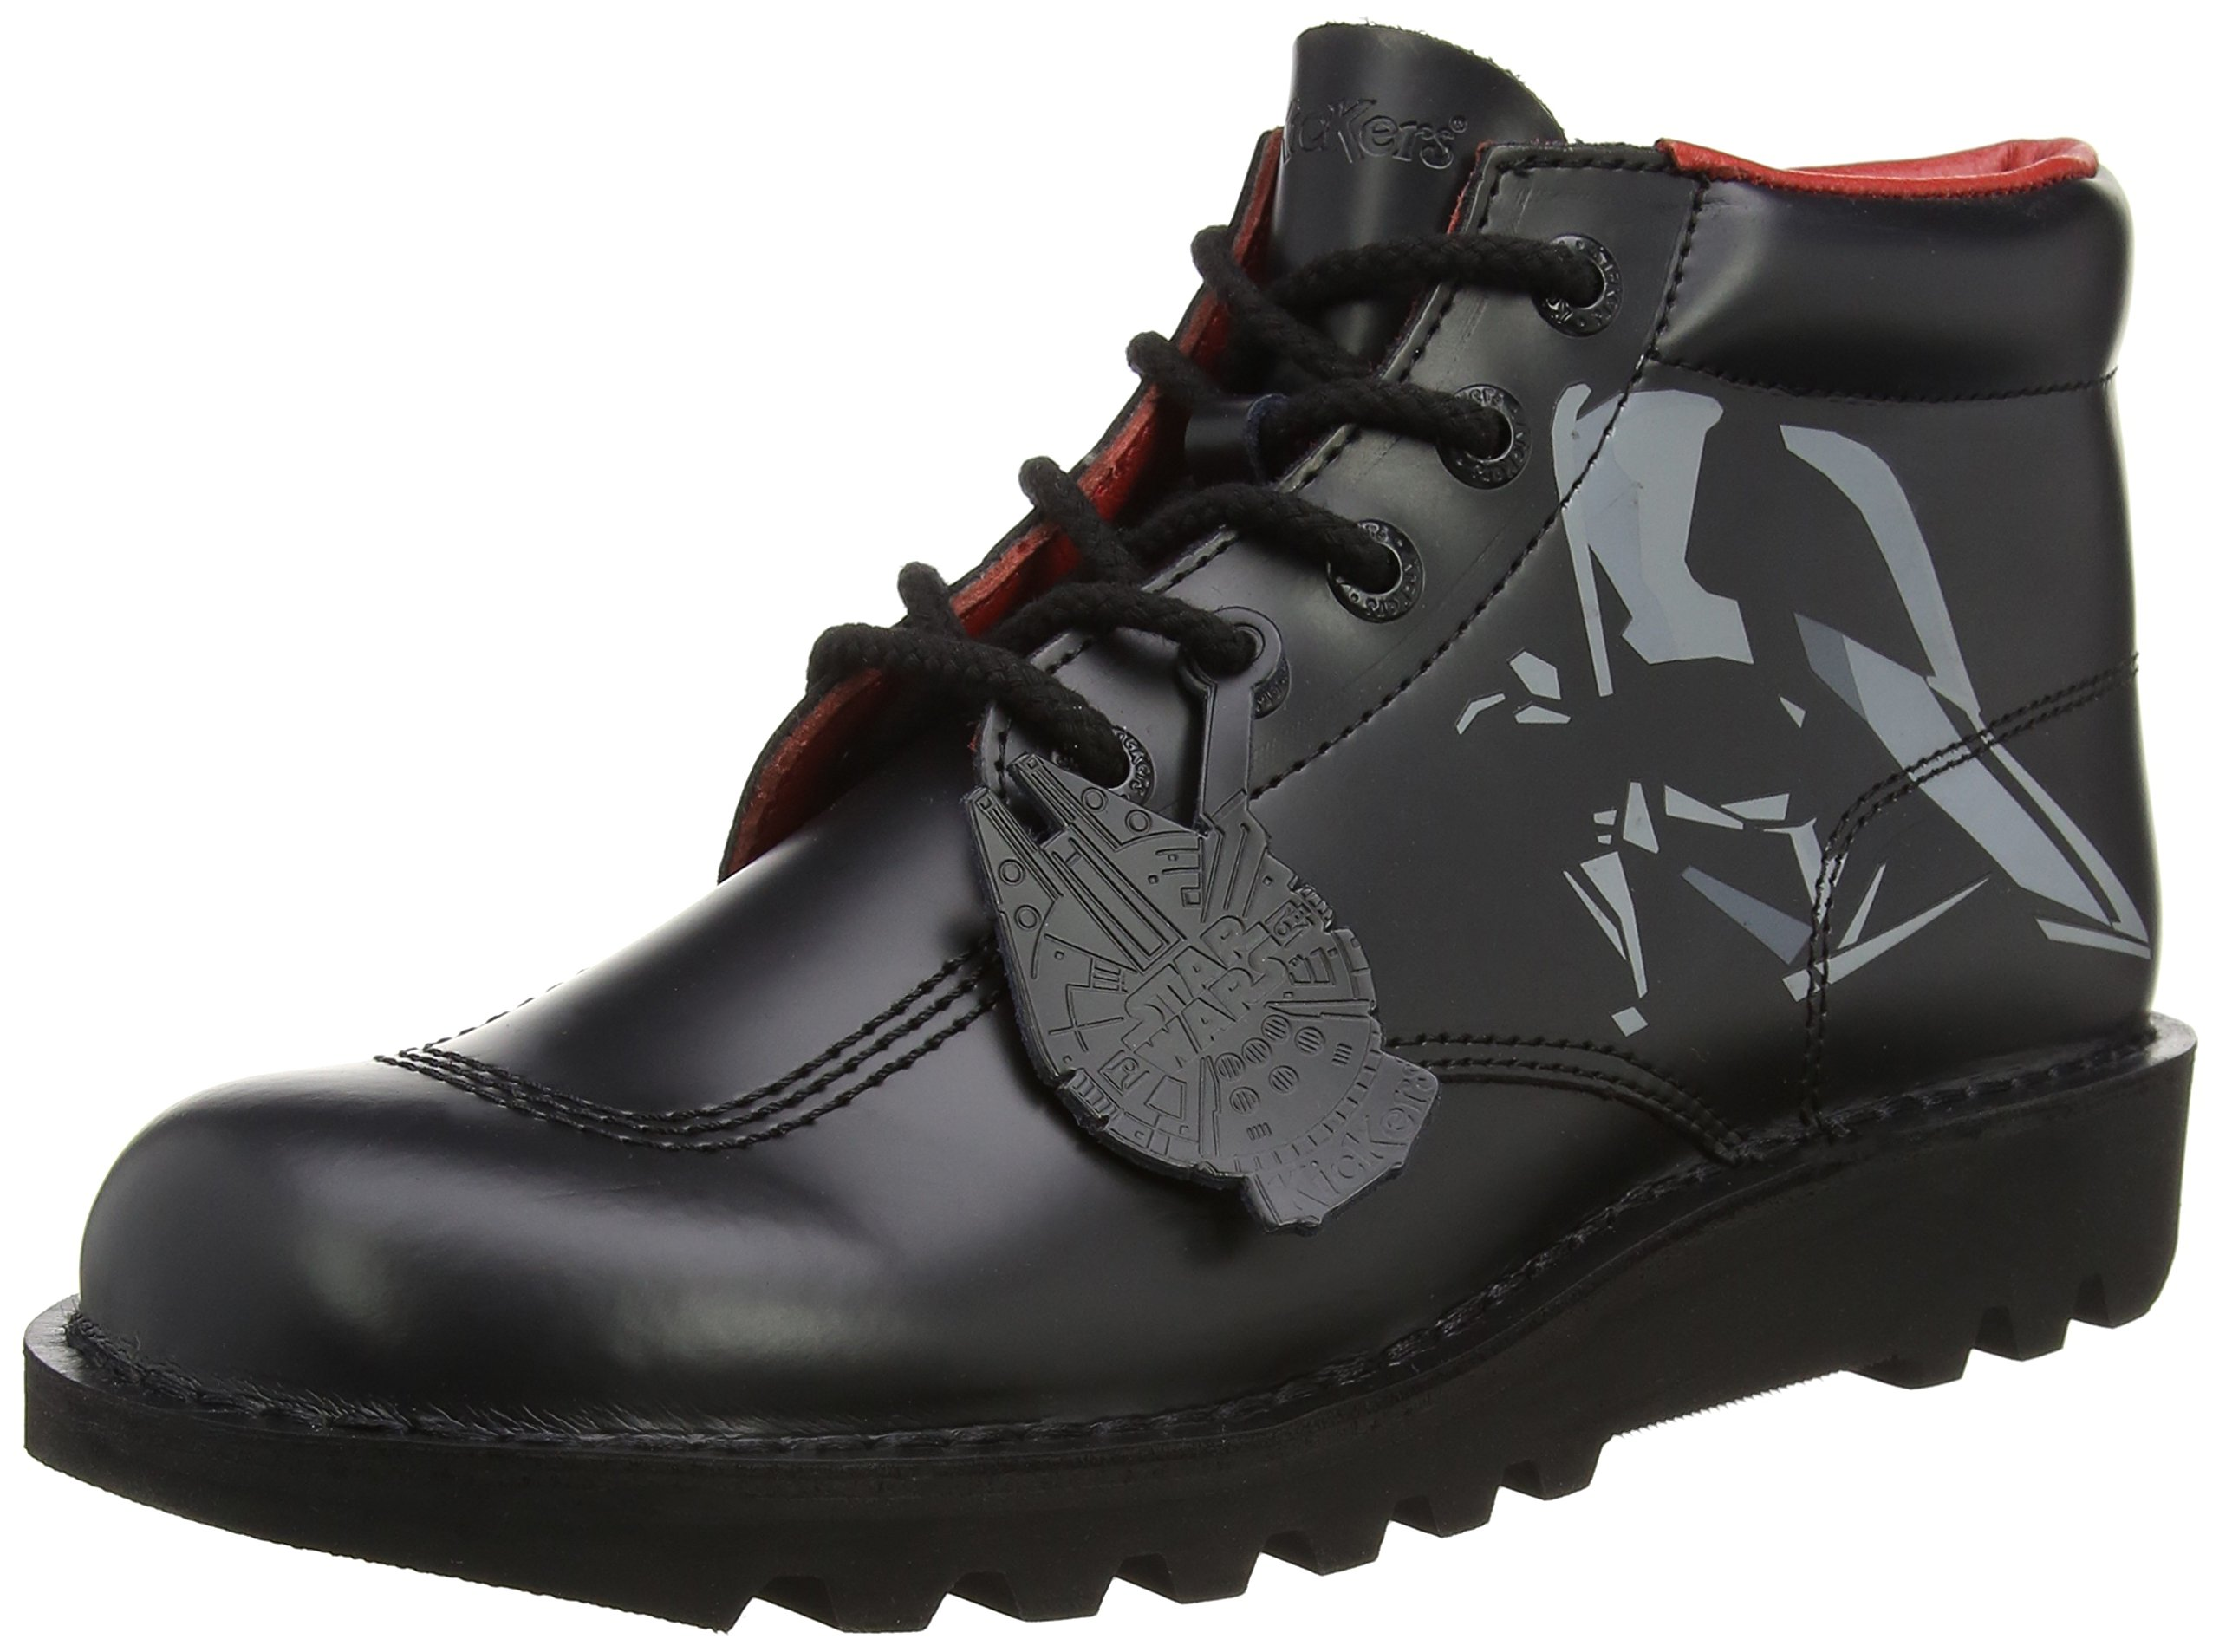 Lthr Noir43 Classiques Vader HommeNoir AmBottes Kickers Print Darth htQorBsdxC